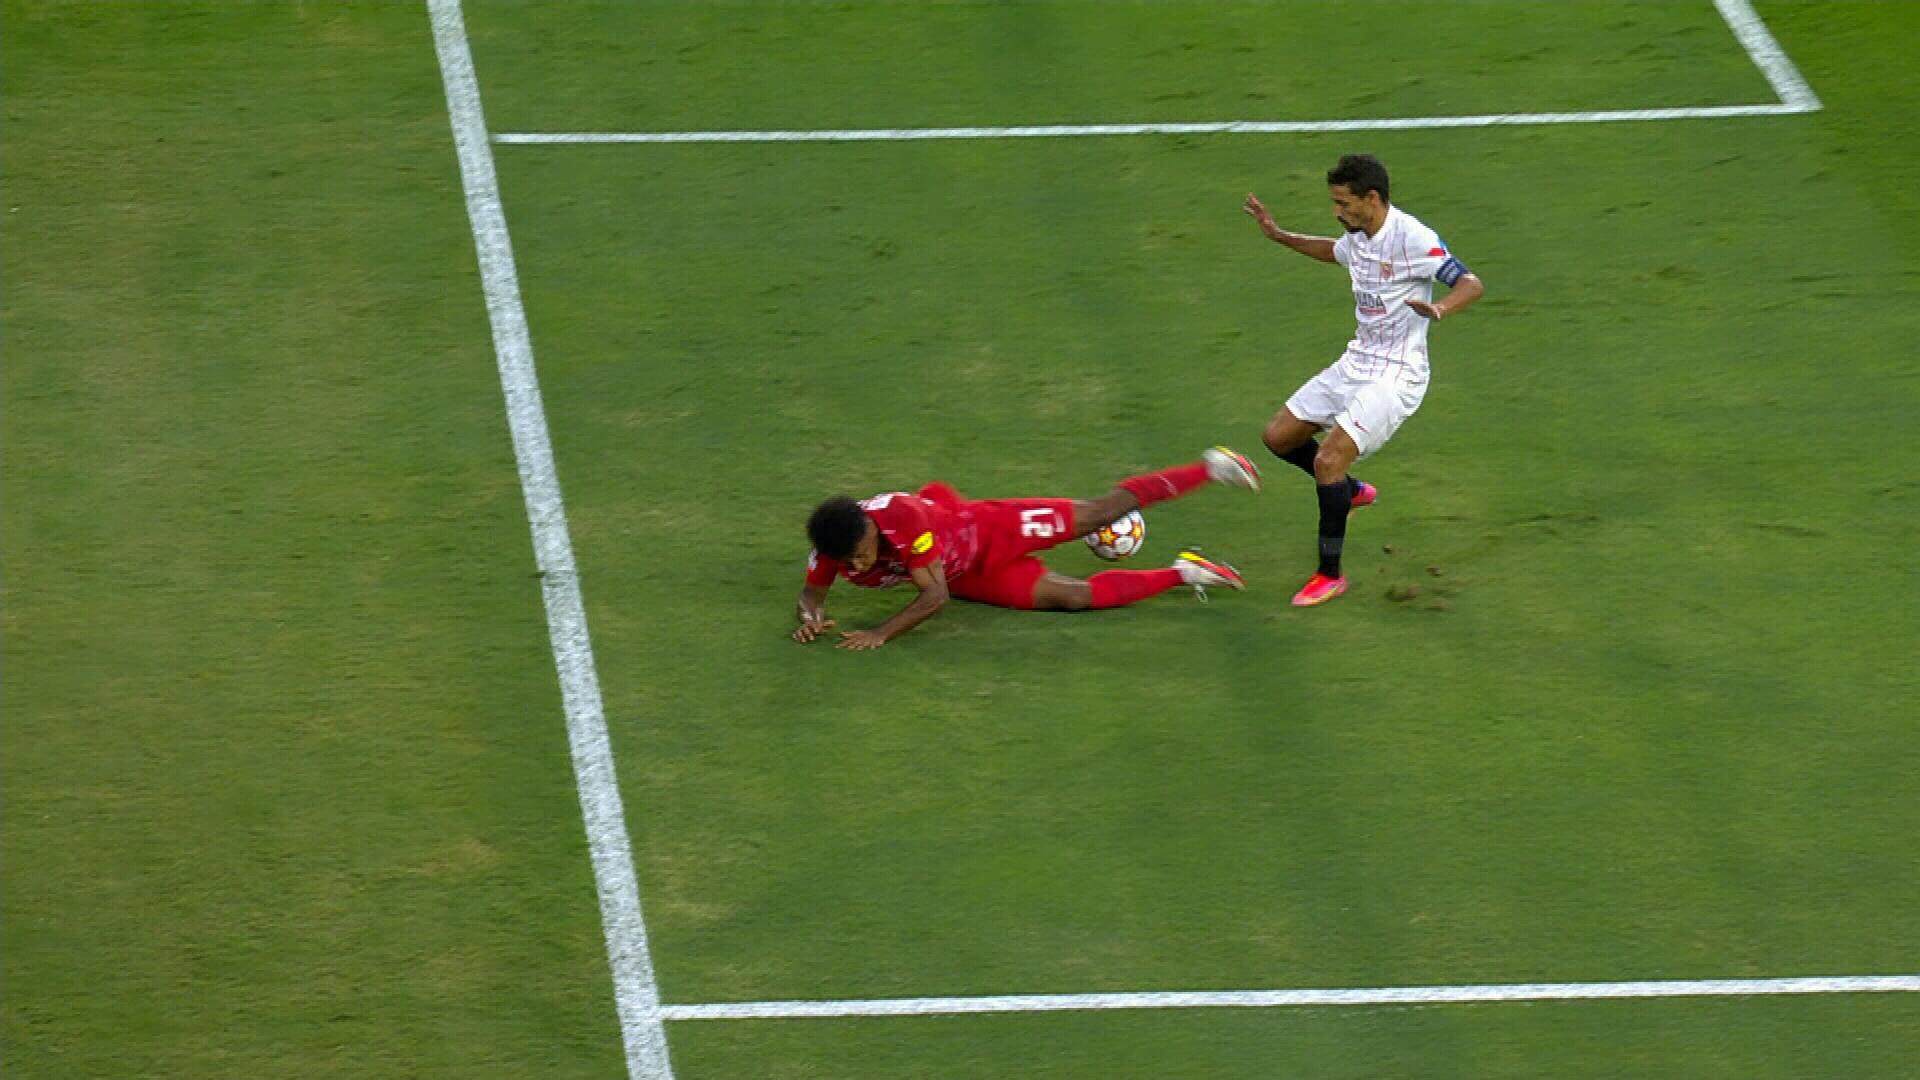 4 penalty-uri într-o repriză la Sevilla - Salzburg! Karim Adeyemi, jucătorul cu origini românești, a obținut 3